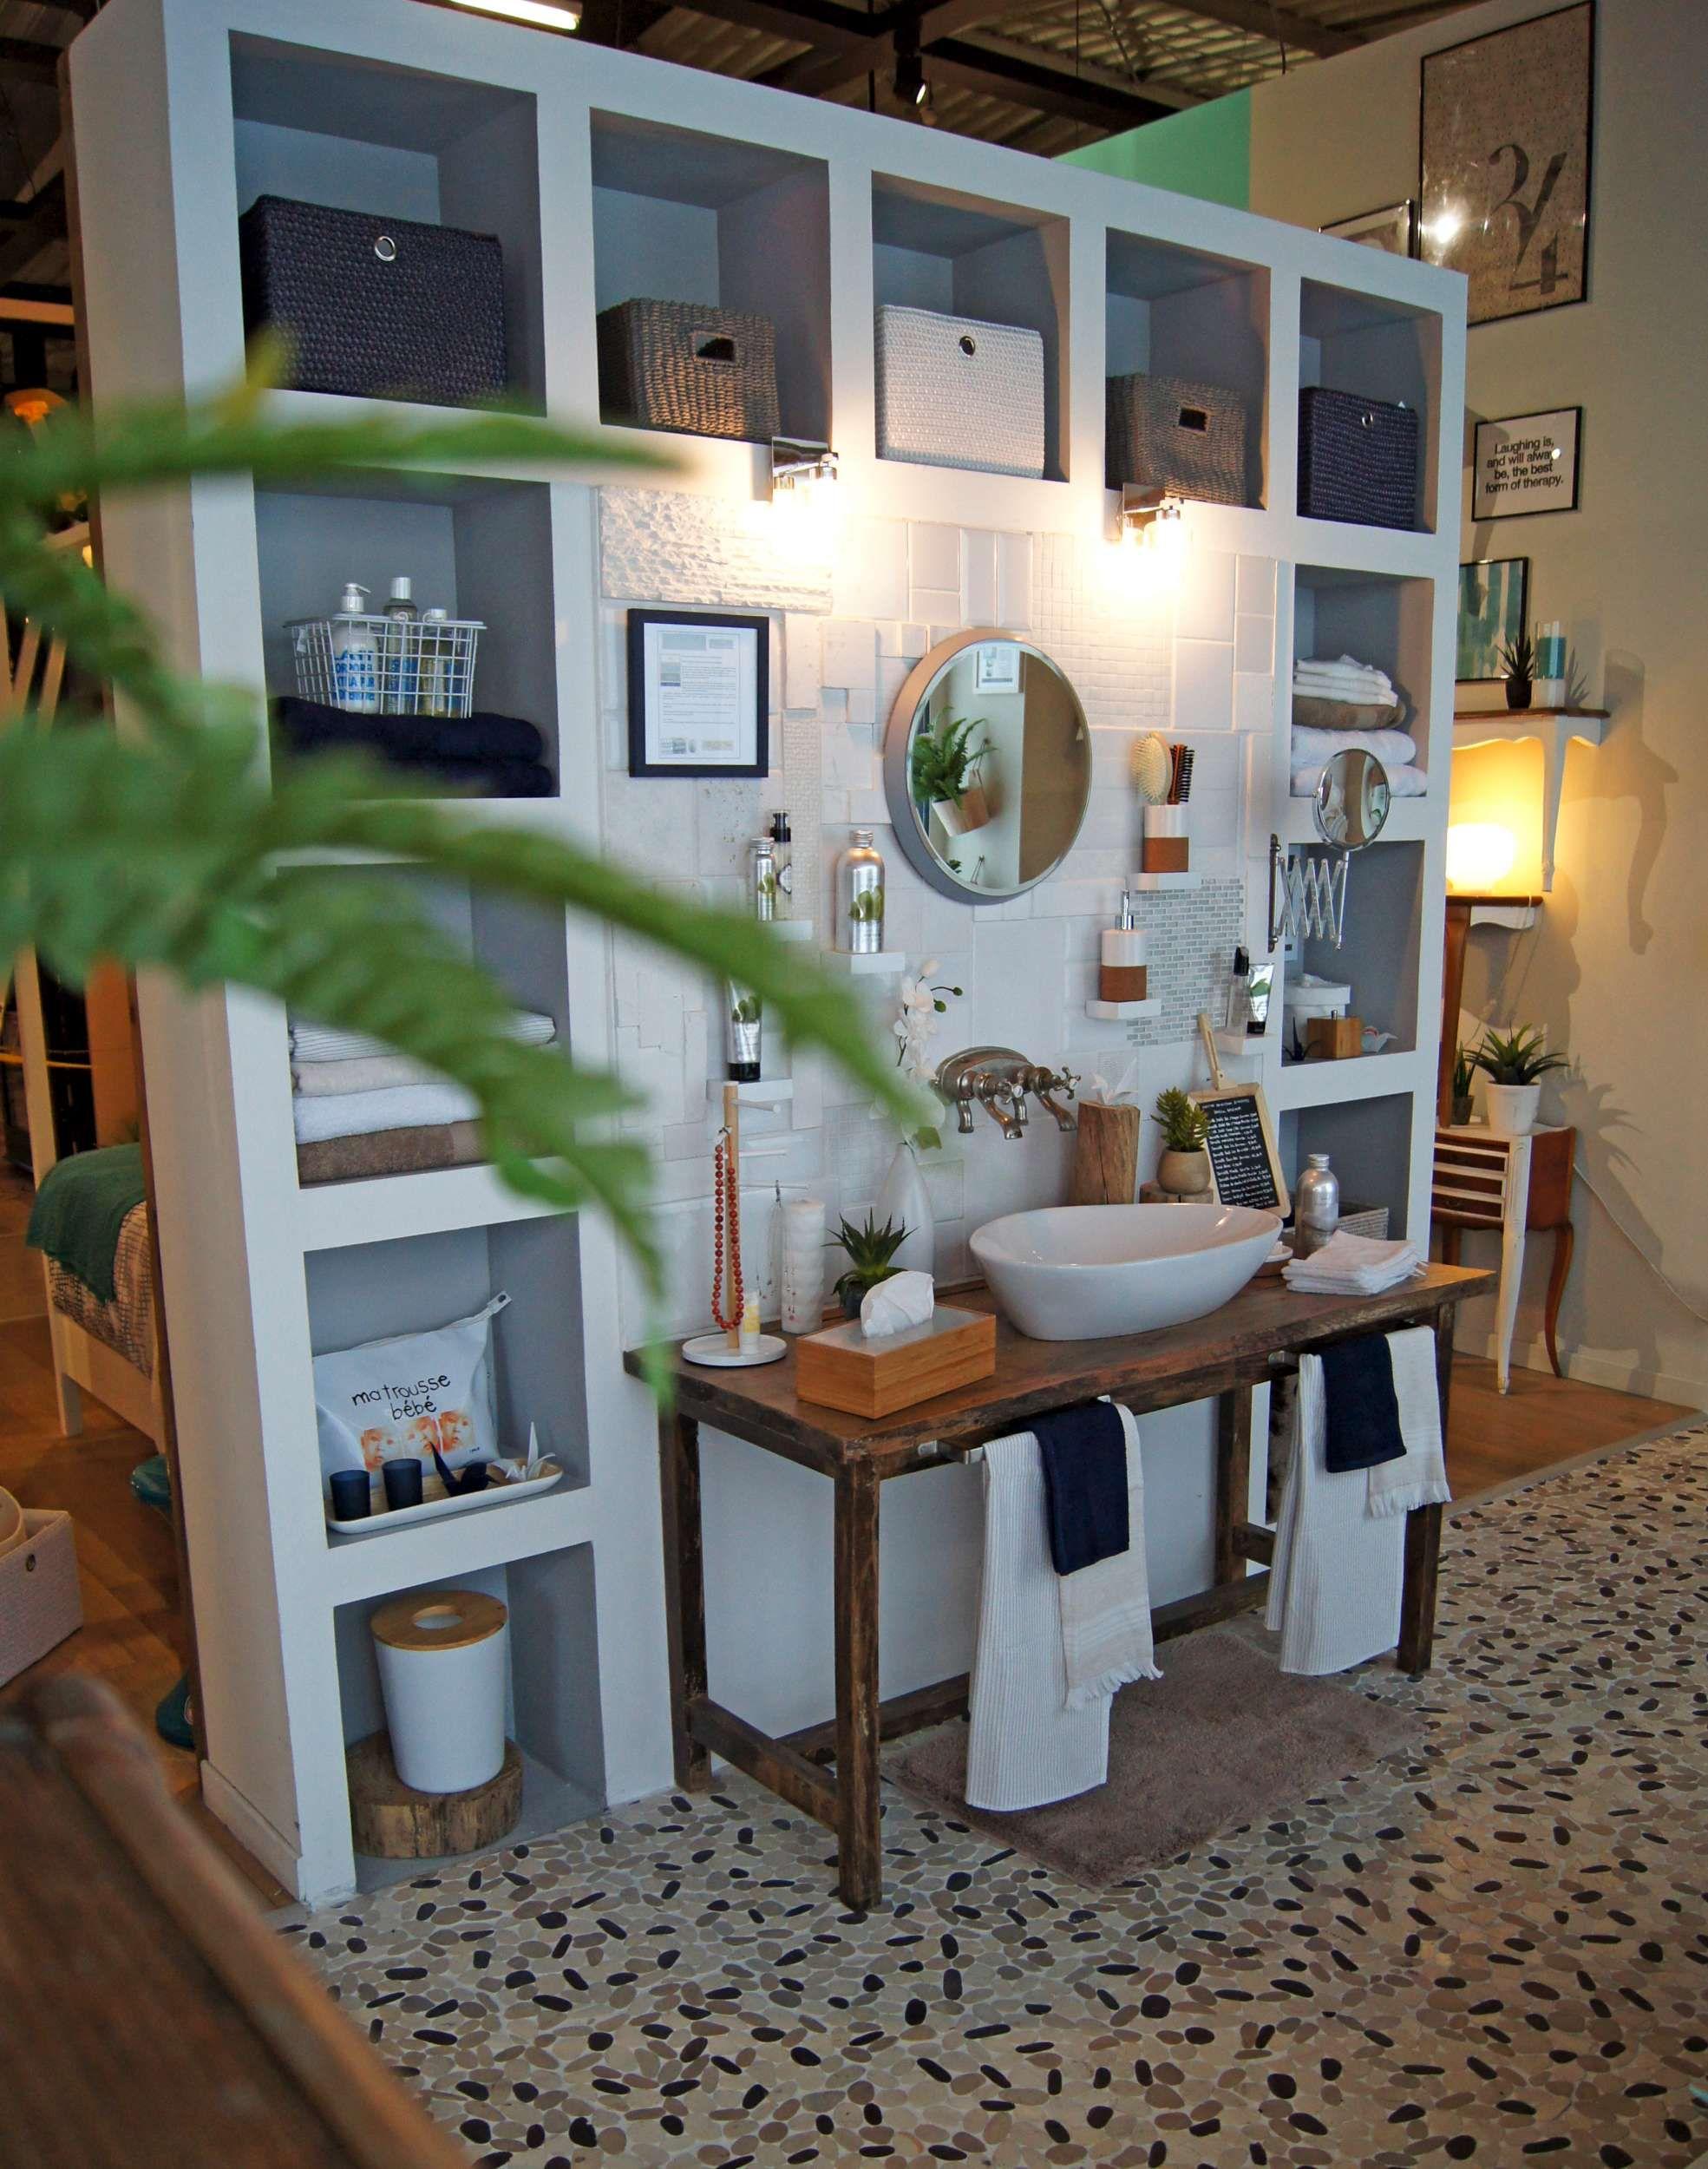 pingl par zodio sur la salle de bain pinterest zodio tendances salles de bain et basique. Black Bedroom Furniture Sets. Home Design Ideas